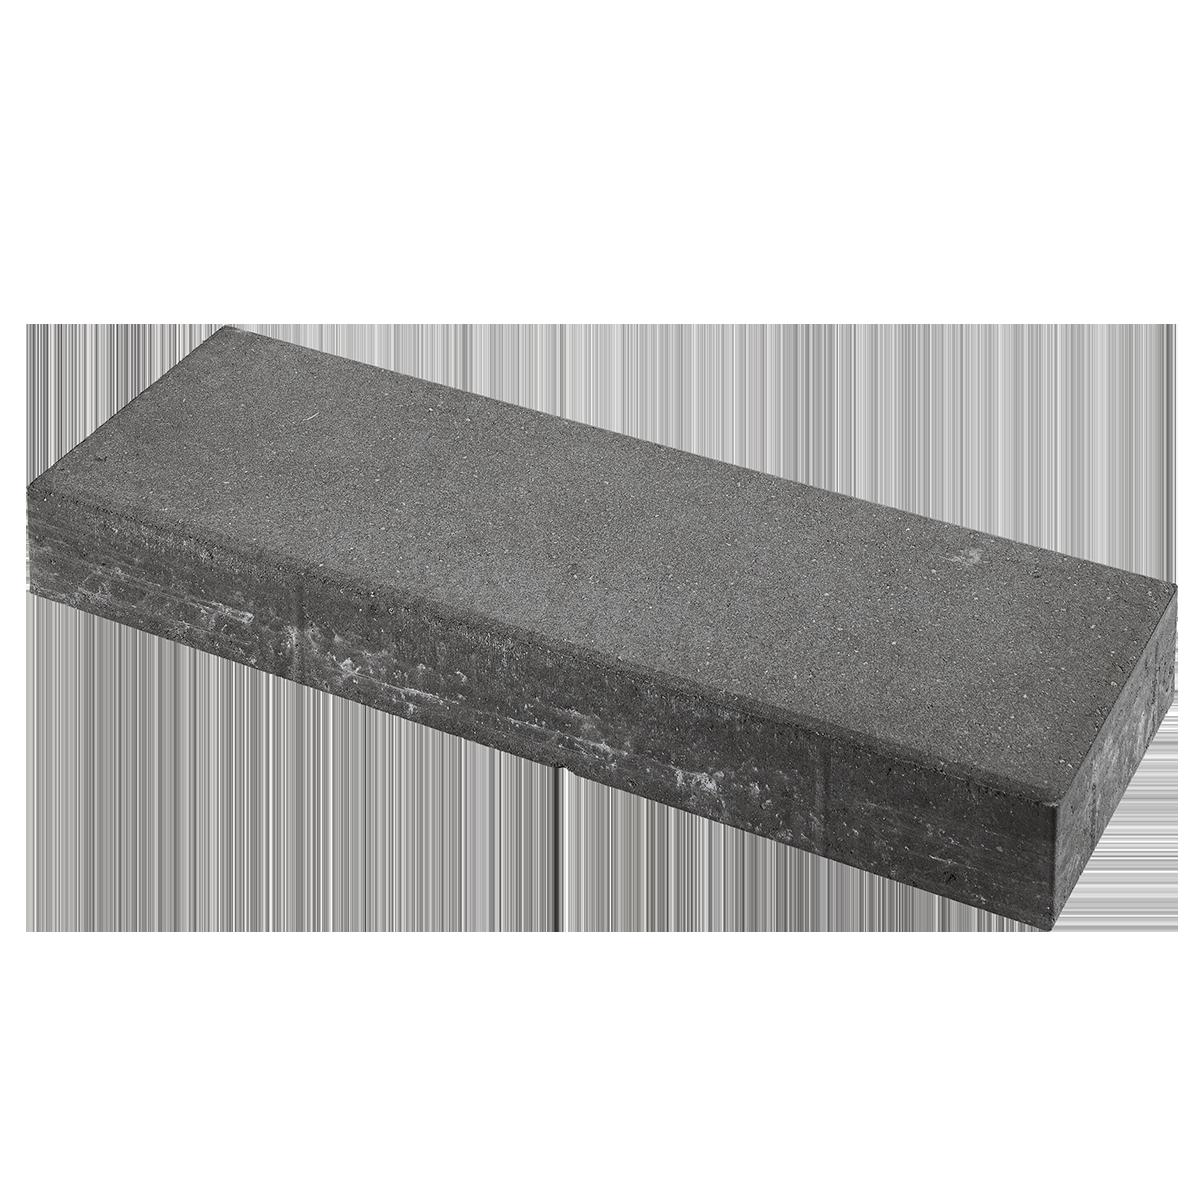 Bordurfliser 30x90x10 cm Grå